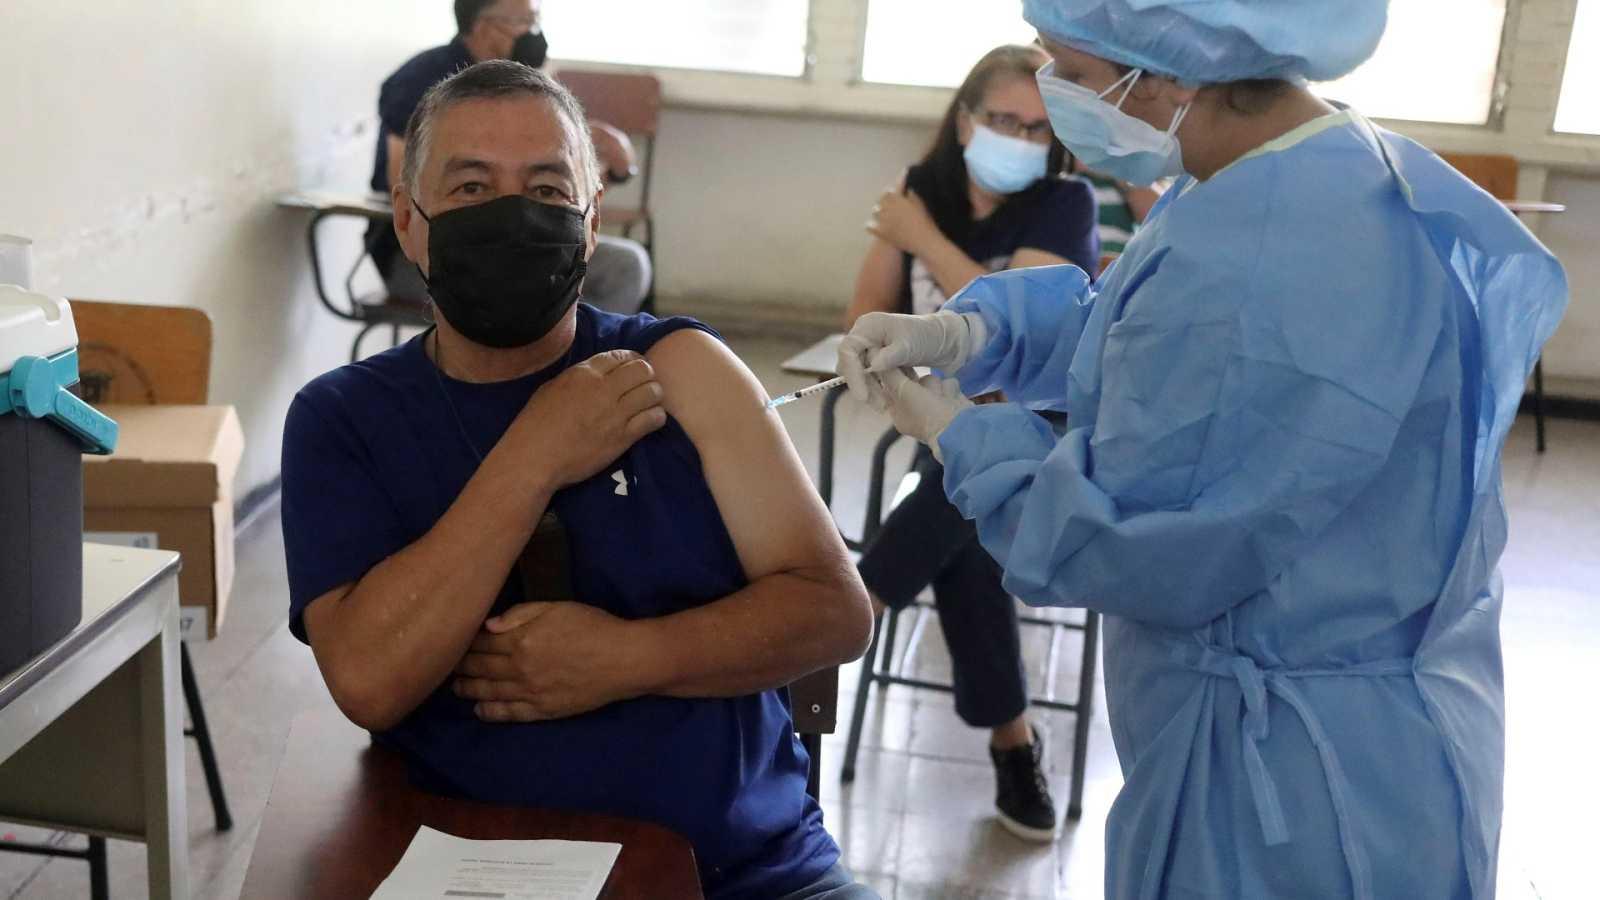 11 comunidades autónomas no notifican ningún fallecido por coronavirus en el último informe de Sanidad